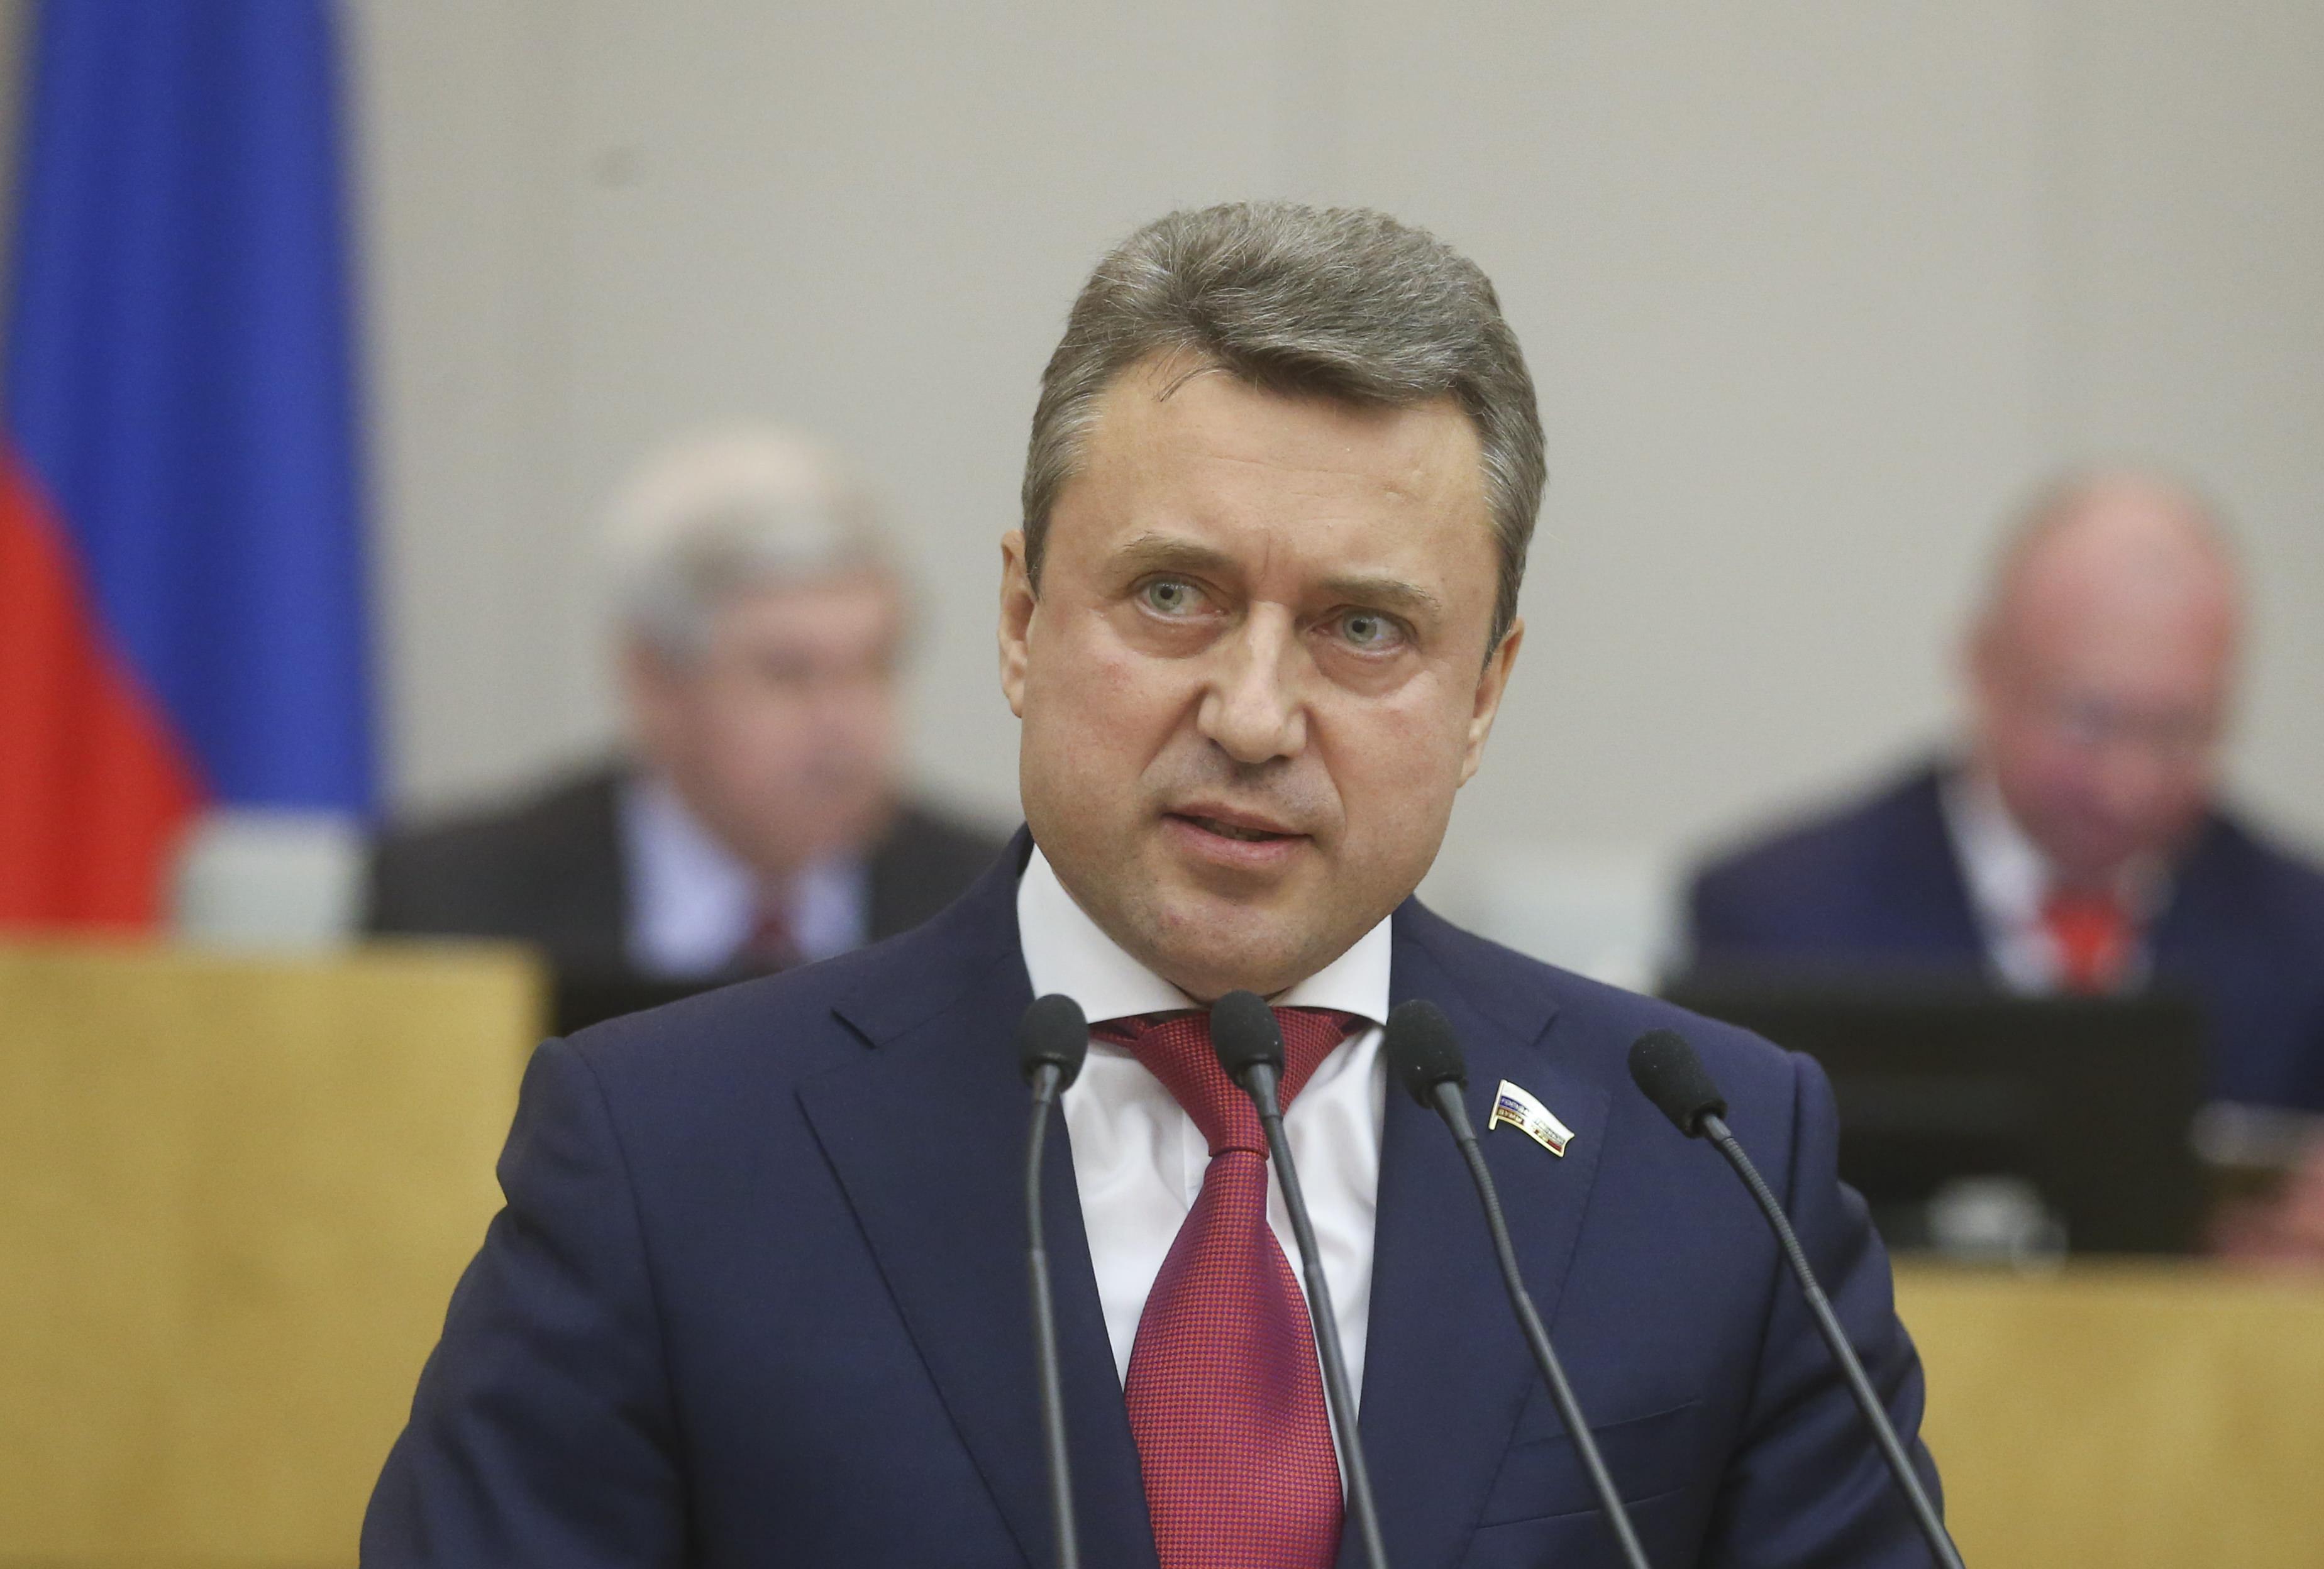 АНАТОЛИЙ ВЫБОРНЫЙ: «За нарушение требований о хранении персональных данных россиян операторы будут нести административную ответственность»